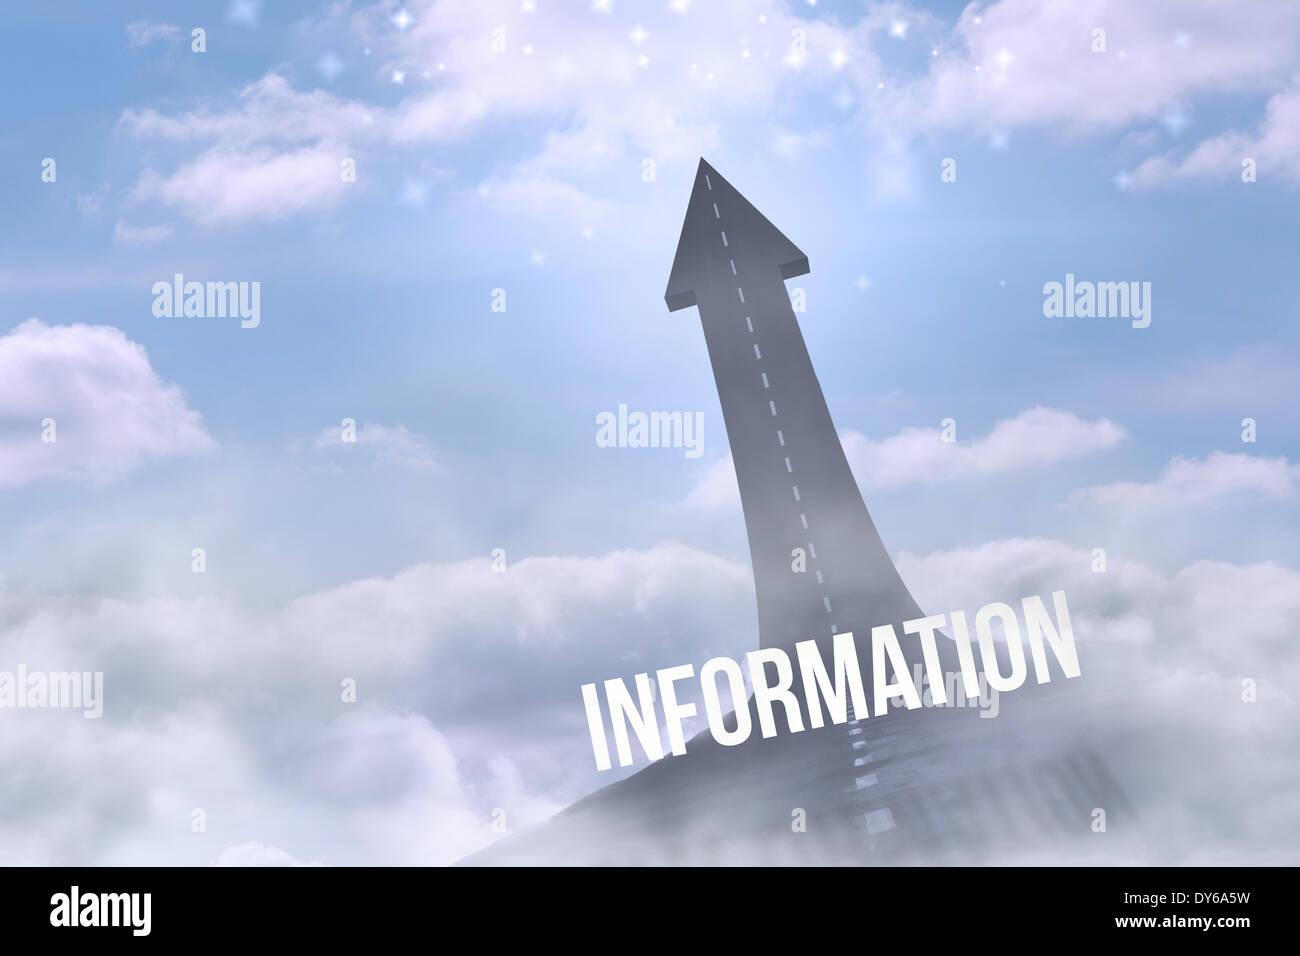 Informazioni contro la strada si trasforma in freccia Immagini Stock